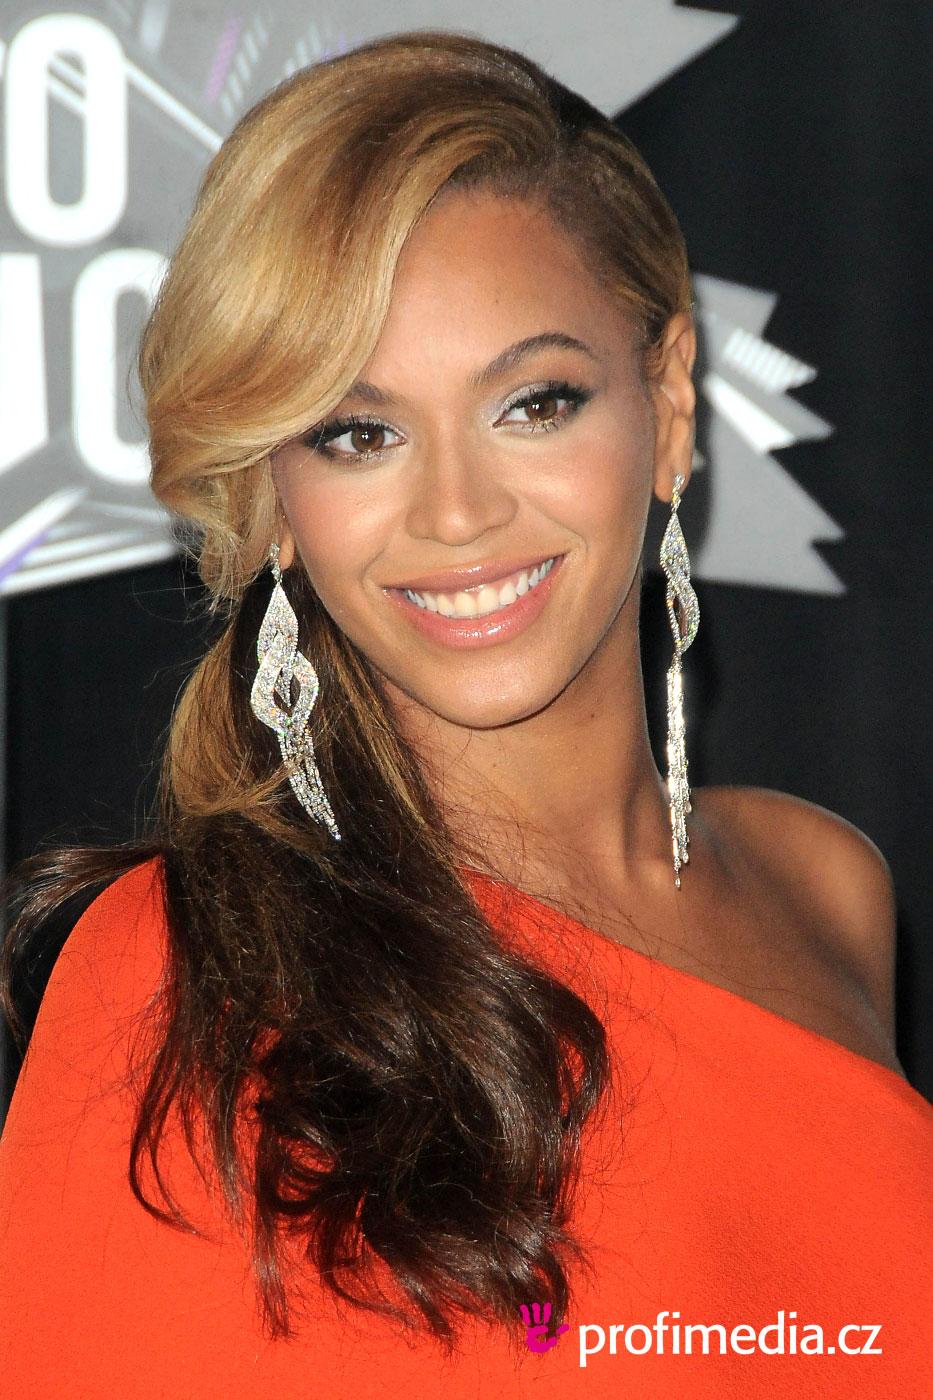 Beyoncé Knowles - - hairstyle - easyHairStyler